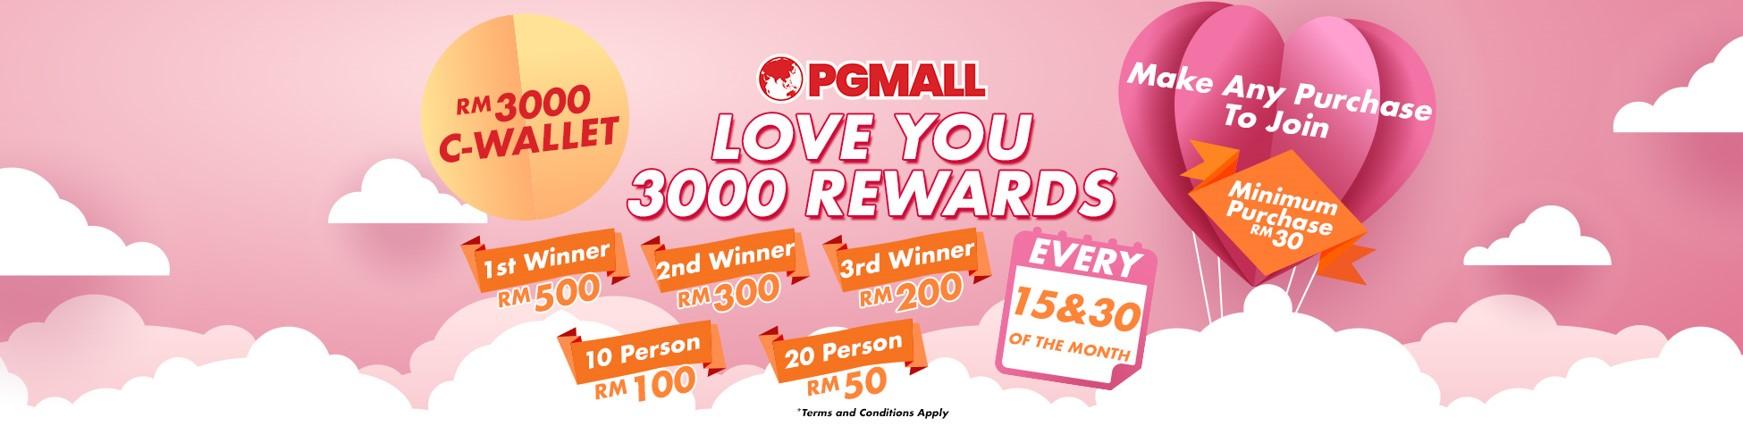 online shopping websites malaysia,pembelian online,pelbagai pilihan produk, PG Mall